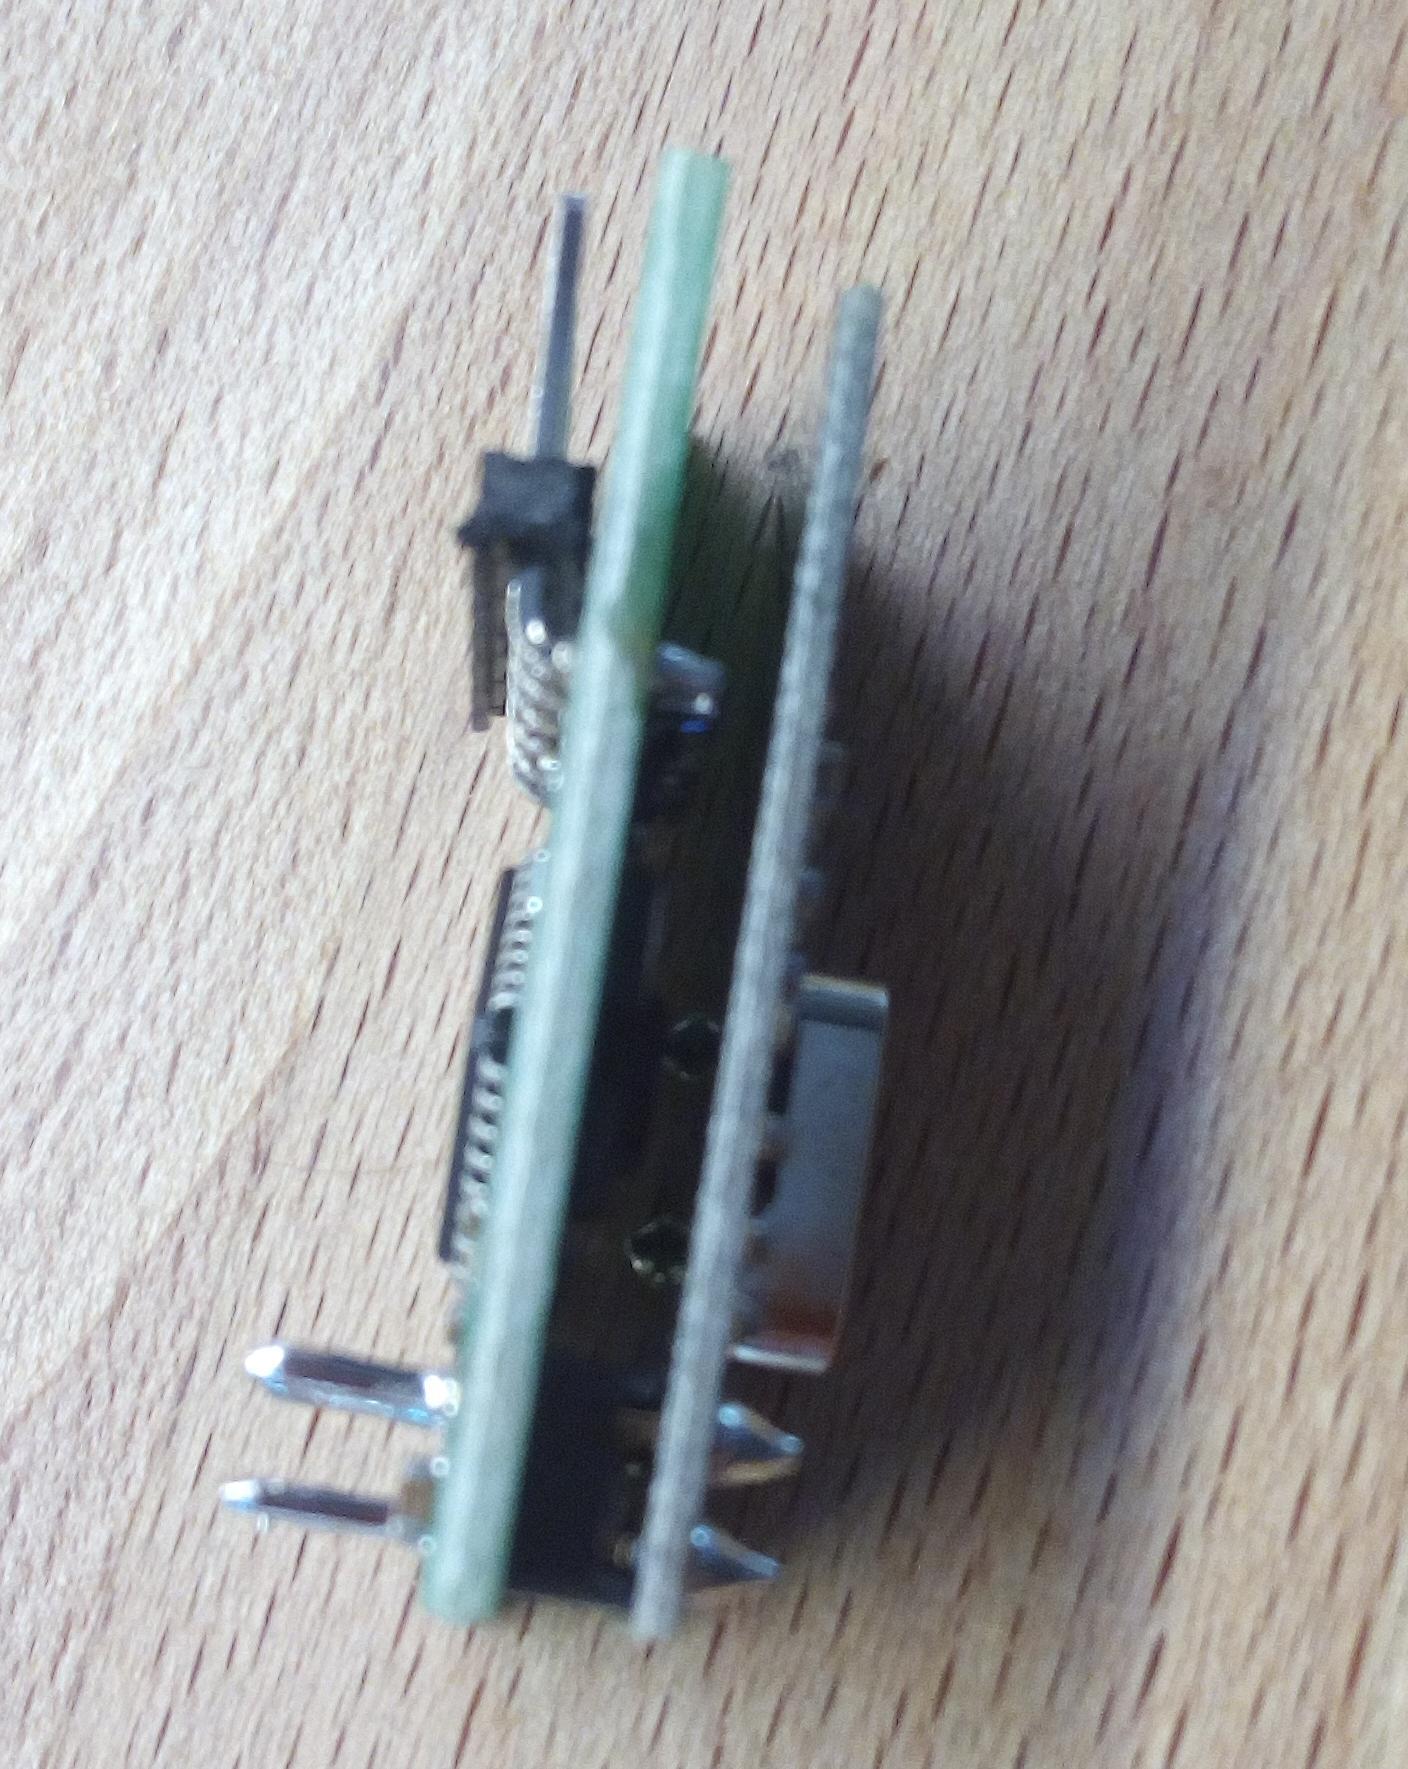 Long pins